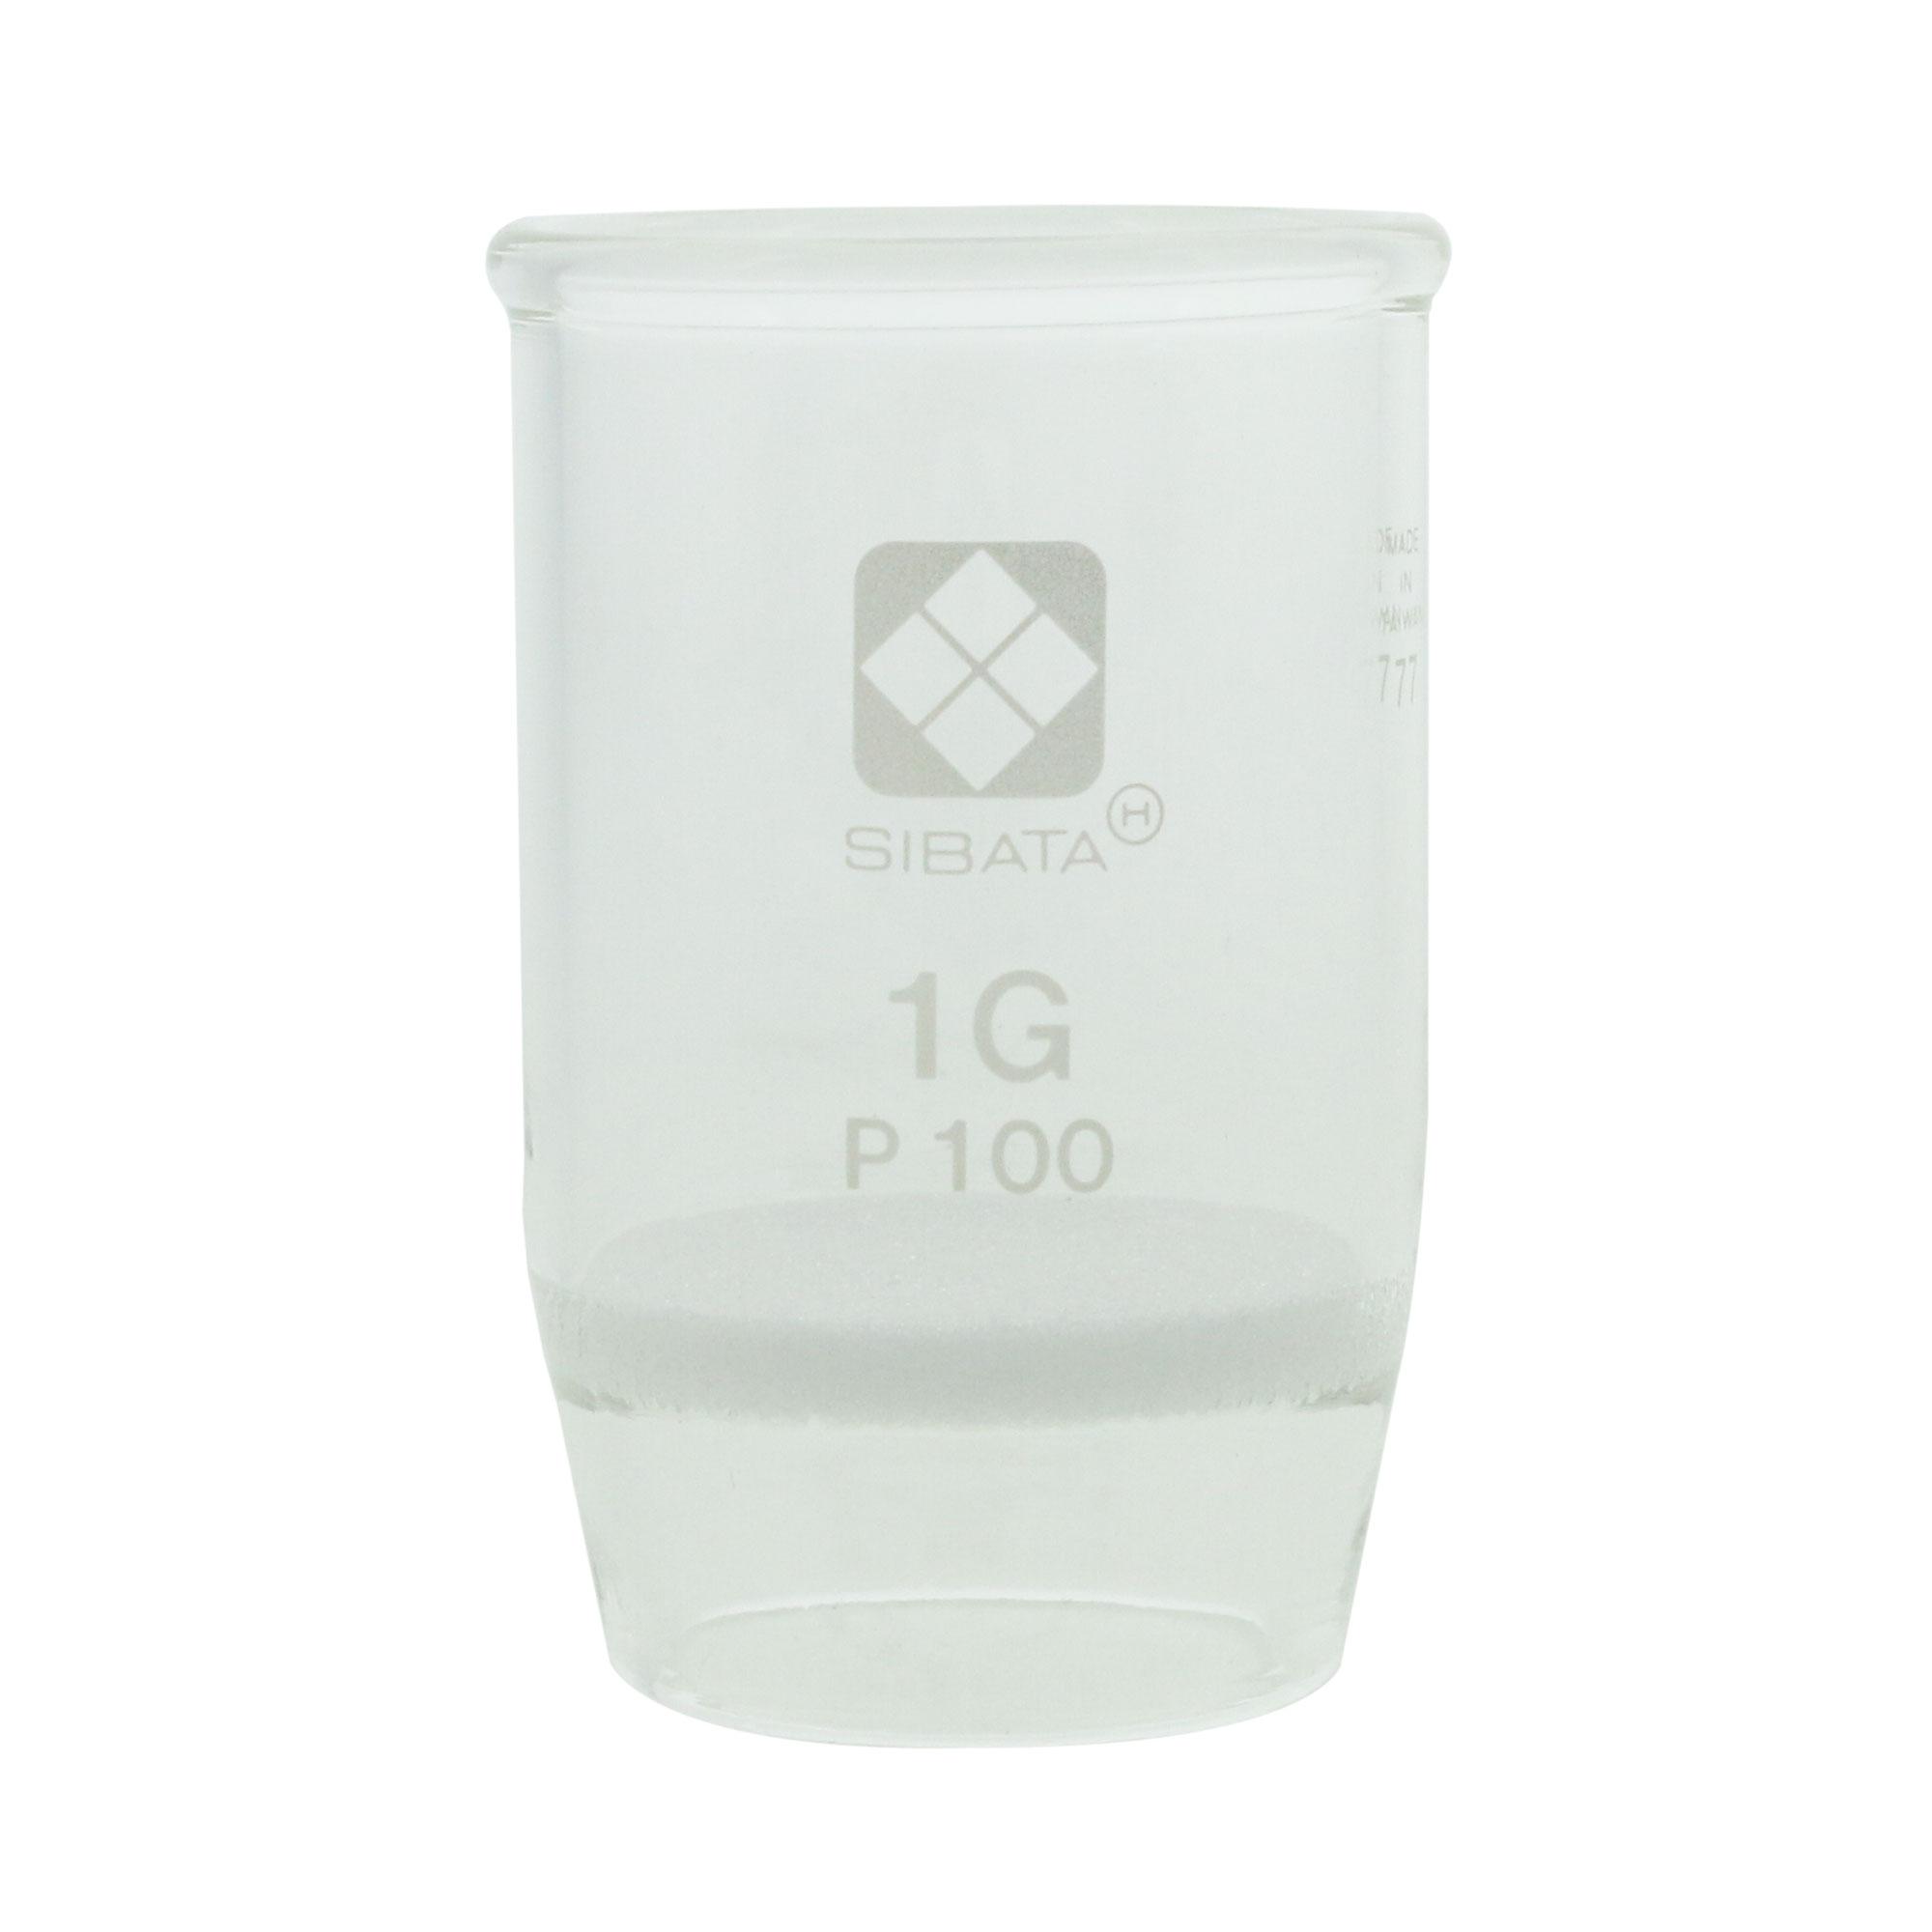 ガラスろ過器 1G るつぼ形 1GP100(3個)